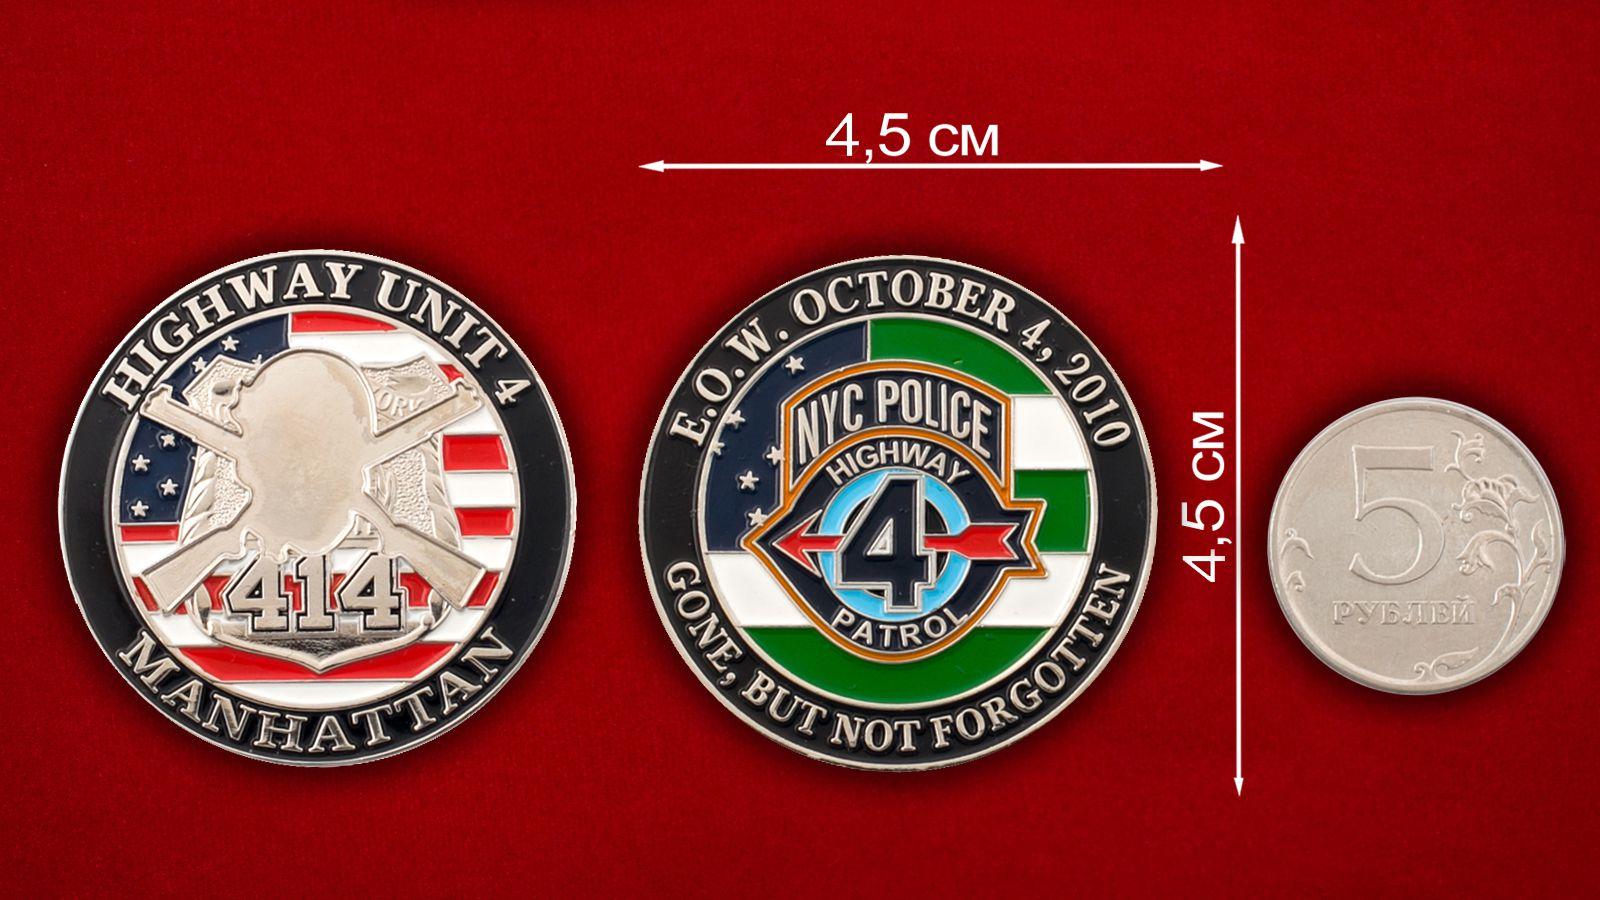 Челлендж коин Дорожного патруля Манхеттена - сравнительный размер